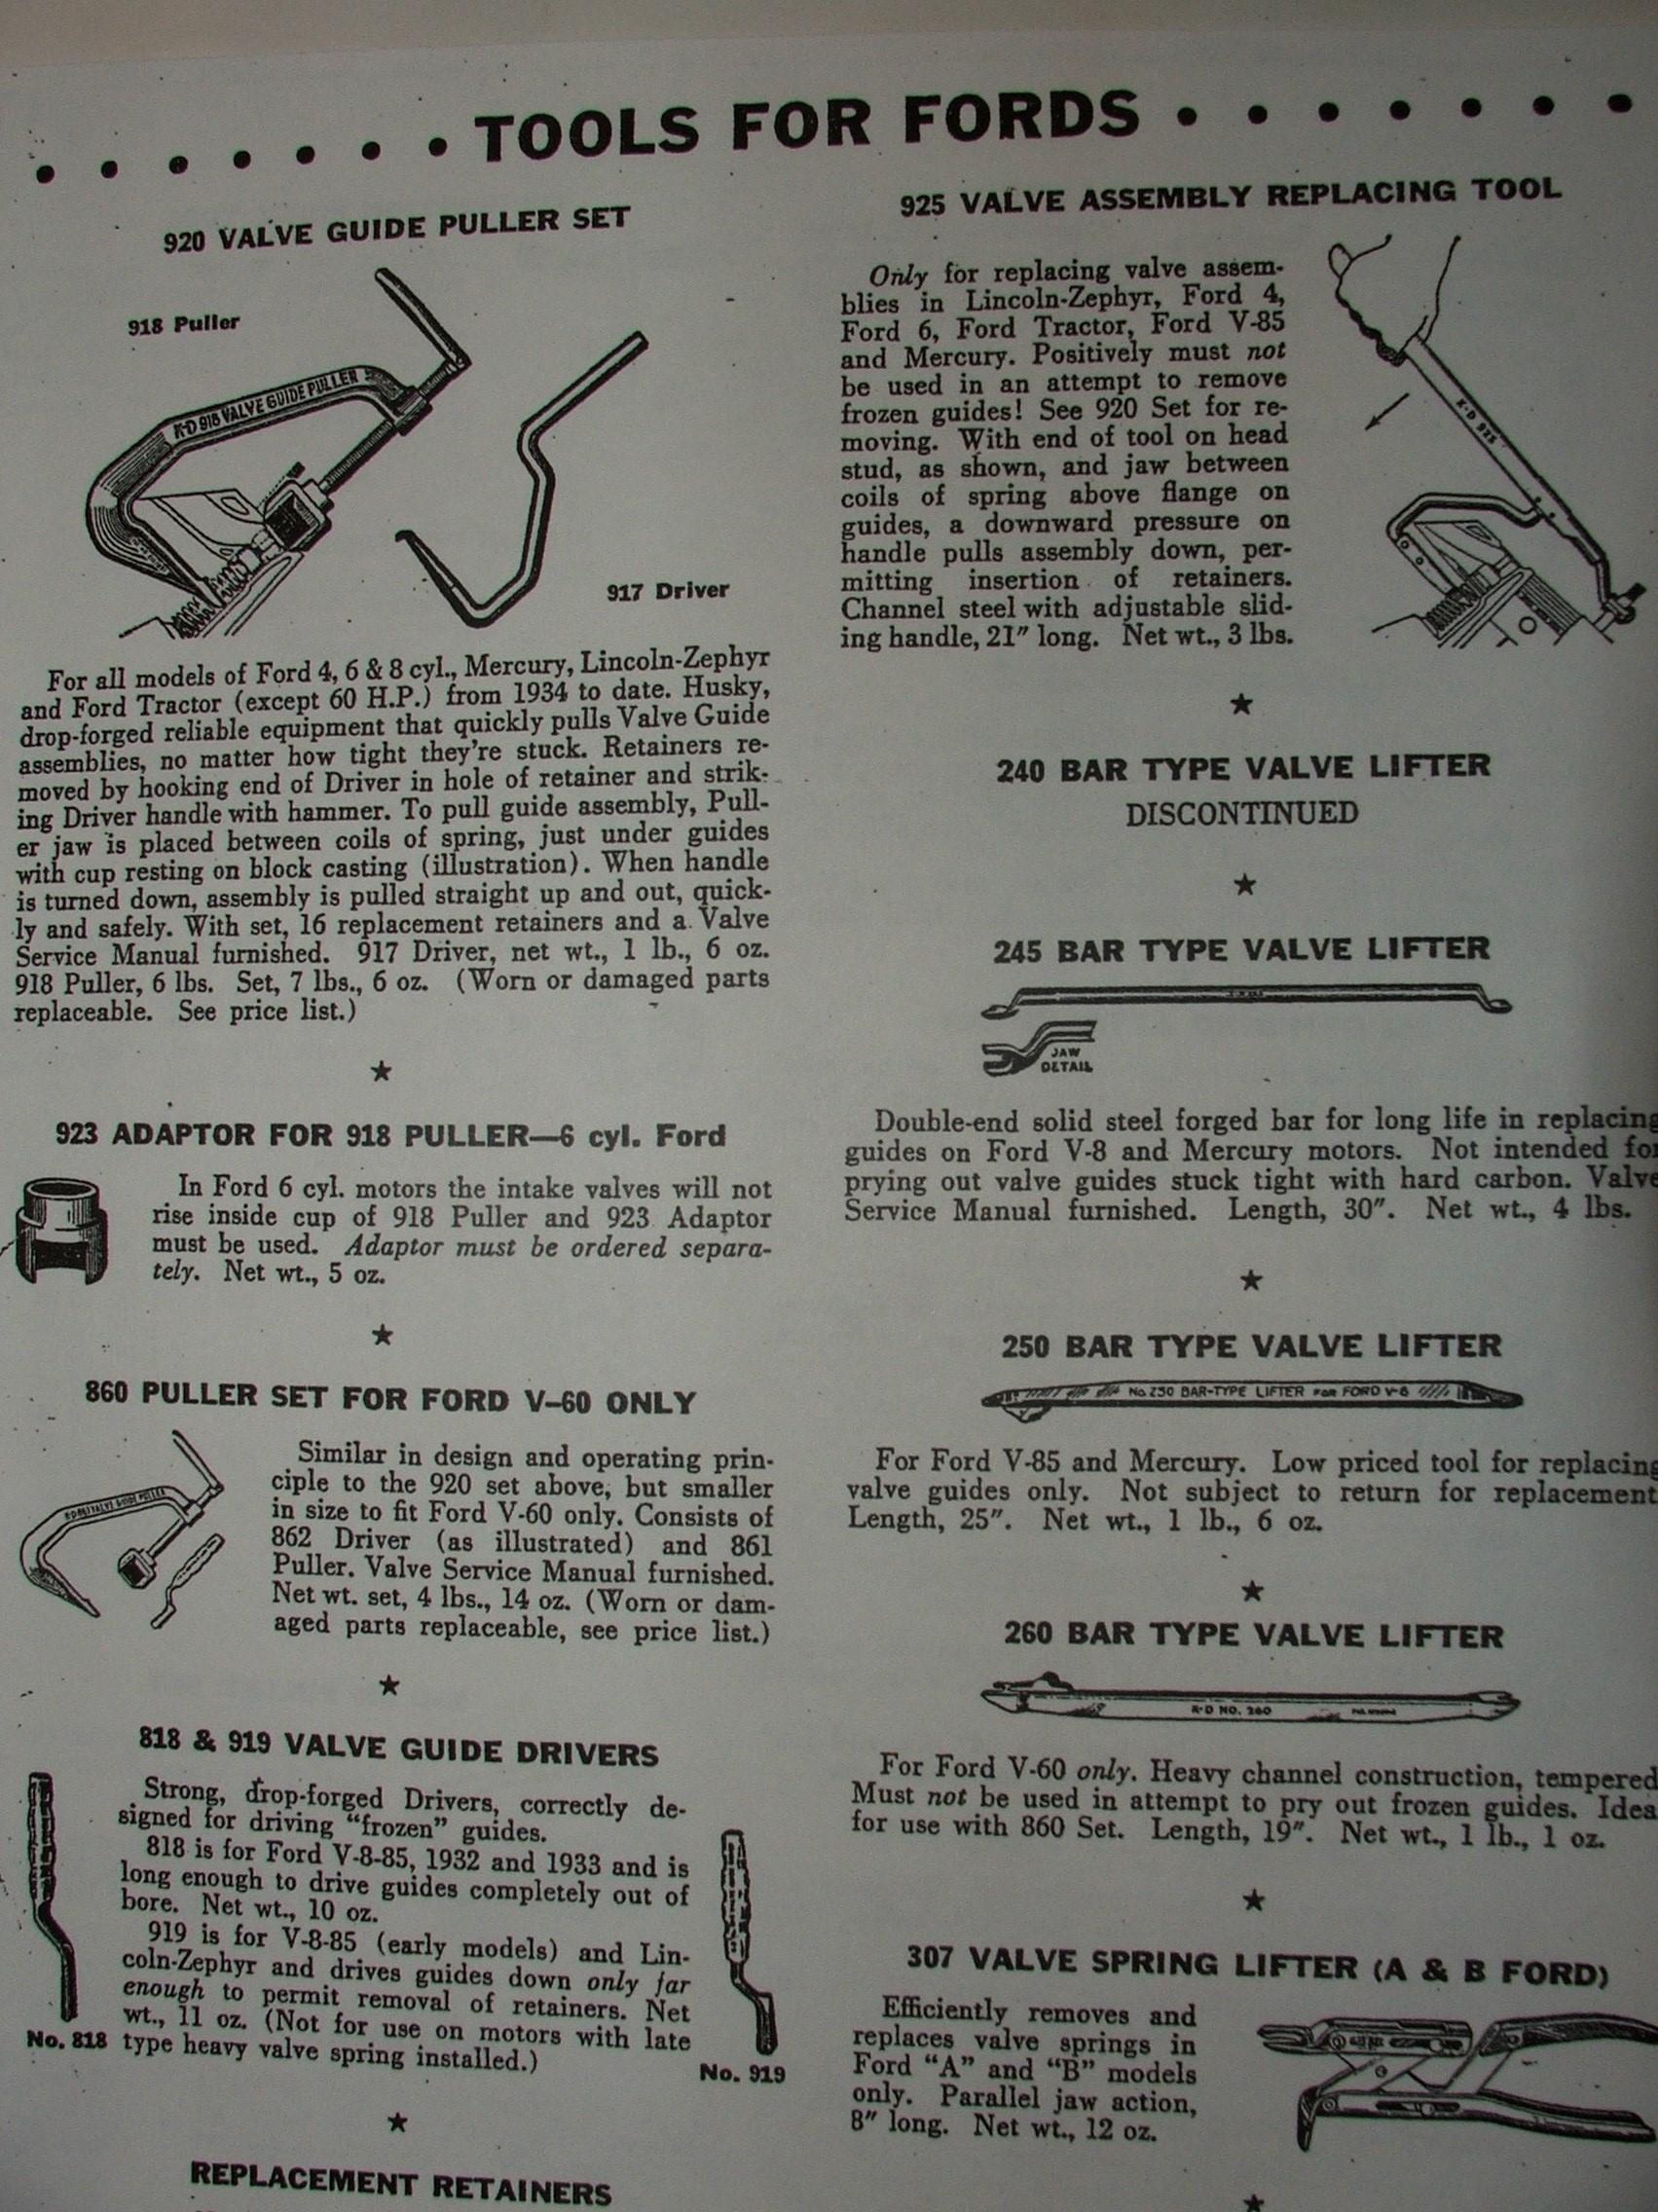 NAFTCO Tool Manual Pg. 2